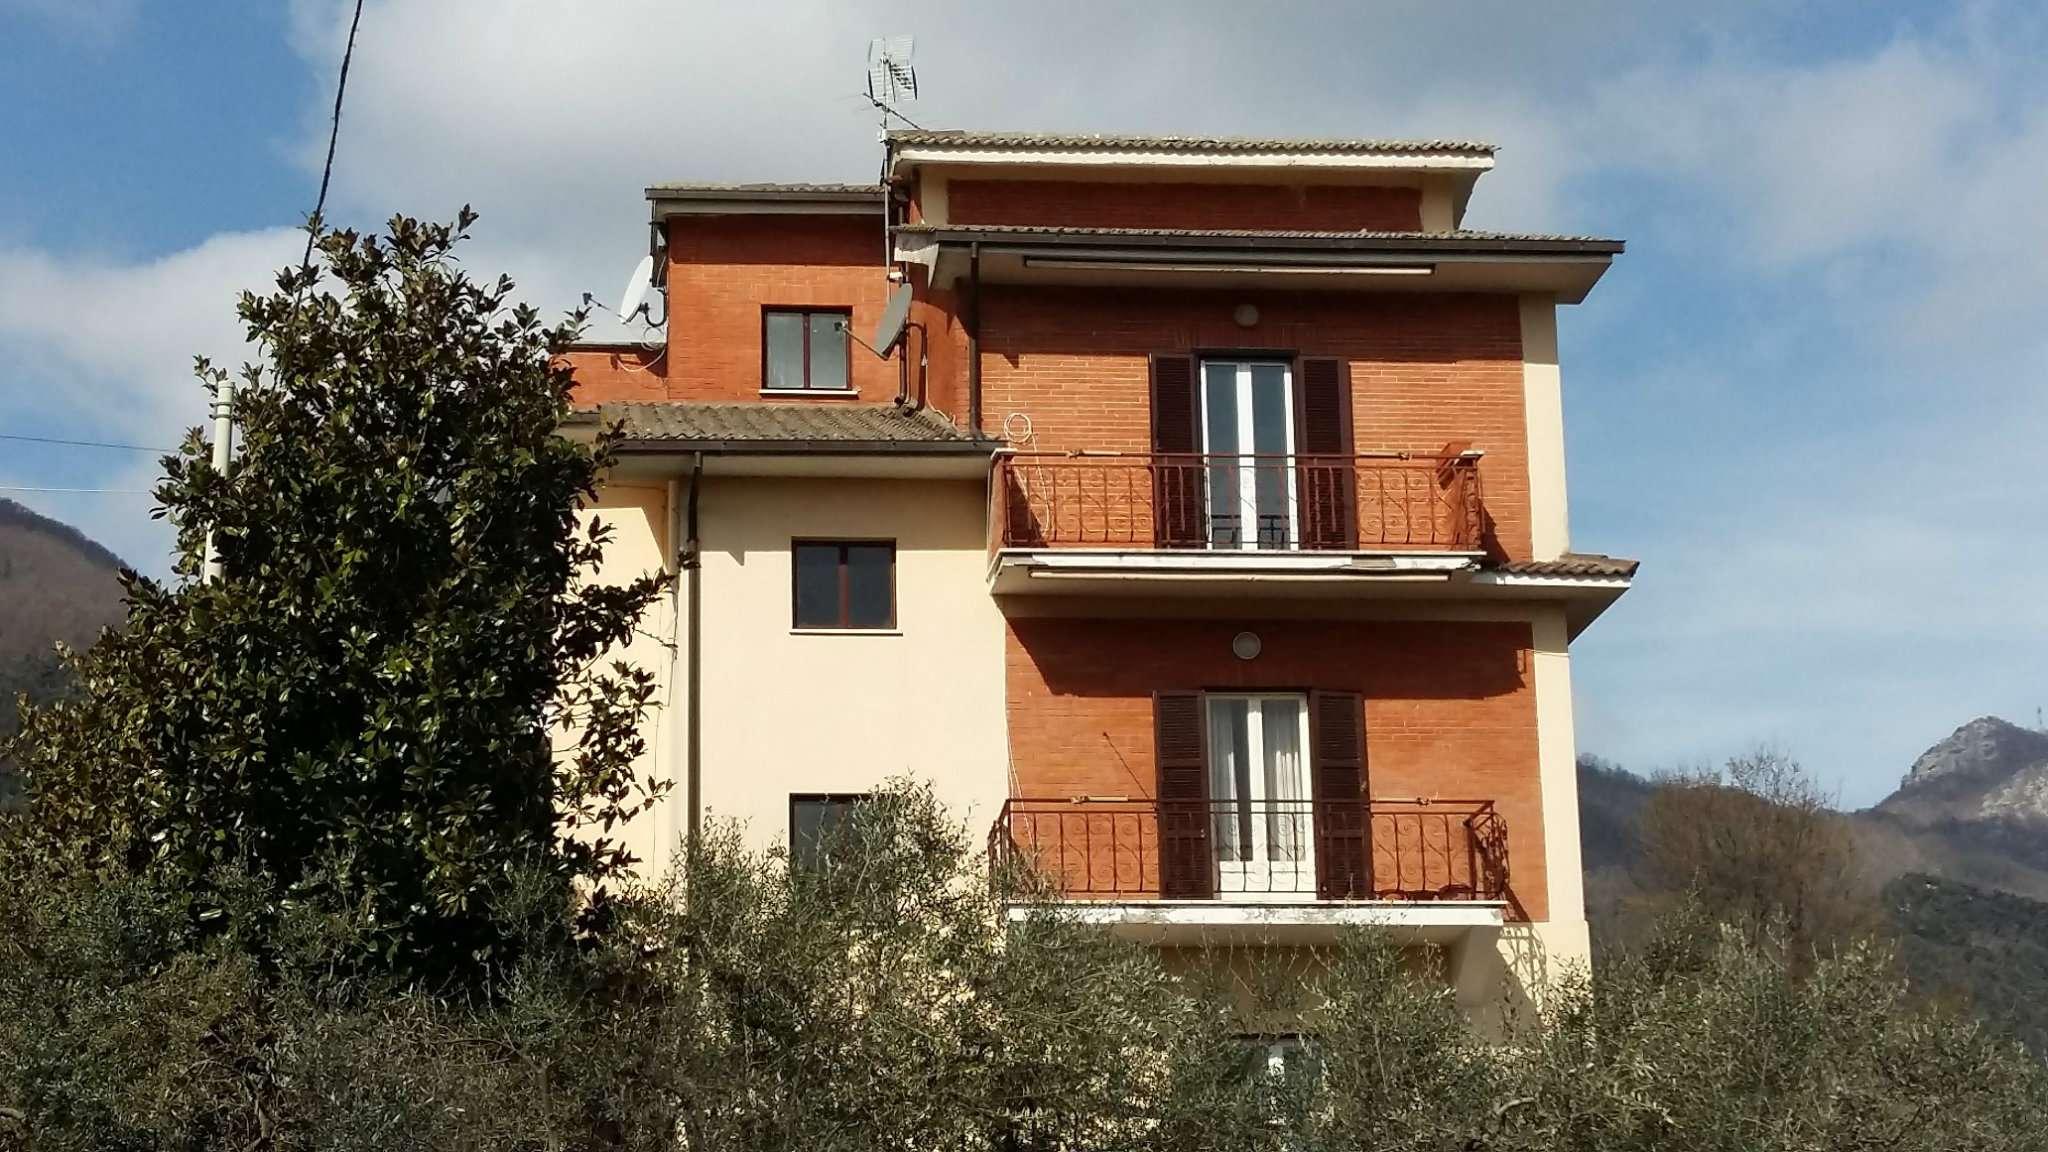 Soluzione Indipendente in vendita a Pisoniano, 9999 locali, prezzo € 179.000 | Cambio Casa.it